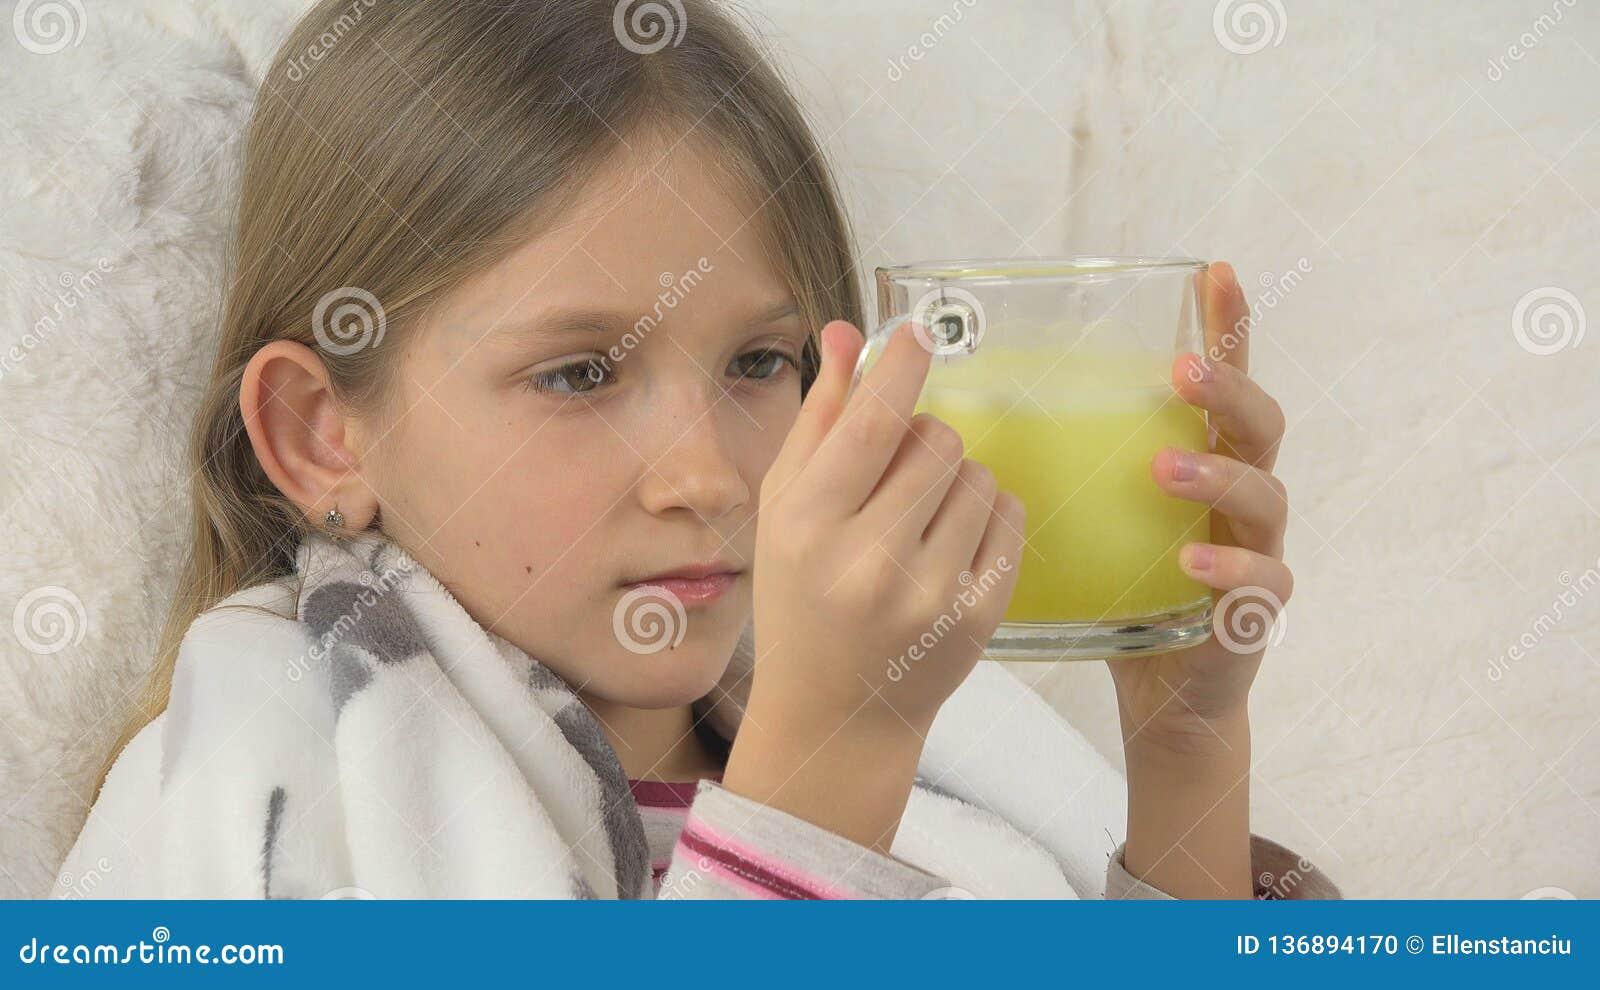 Άρρωστα φάρμακα κατανάλωσης προσώπου παιδιών, λυπημένο άρρωστο κορίτσι, πορτρέτο παιδιών με το φάρμακο, καναπές